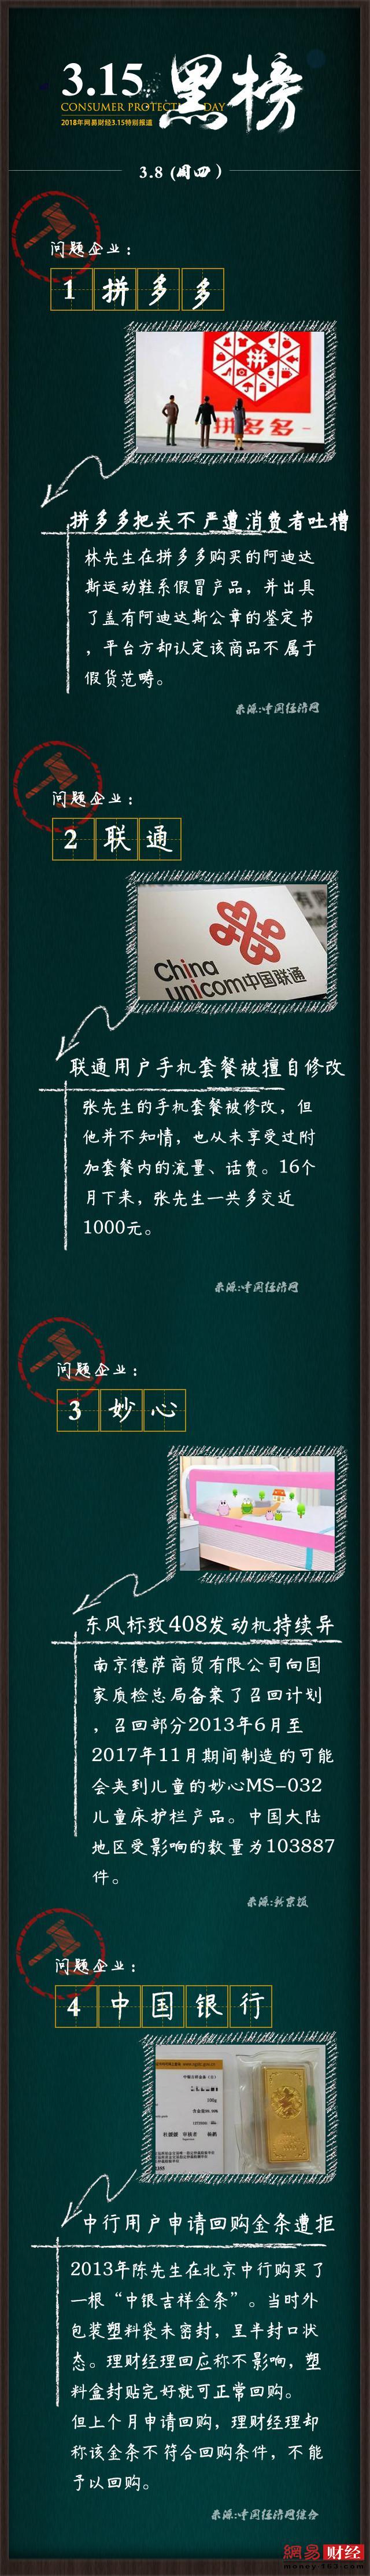 315黑板报|联通用户称套餐被修改16个月多交千元